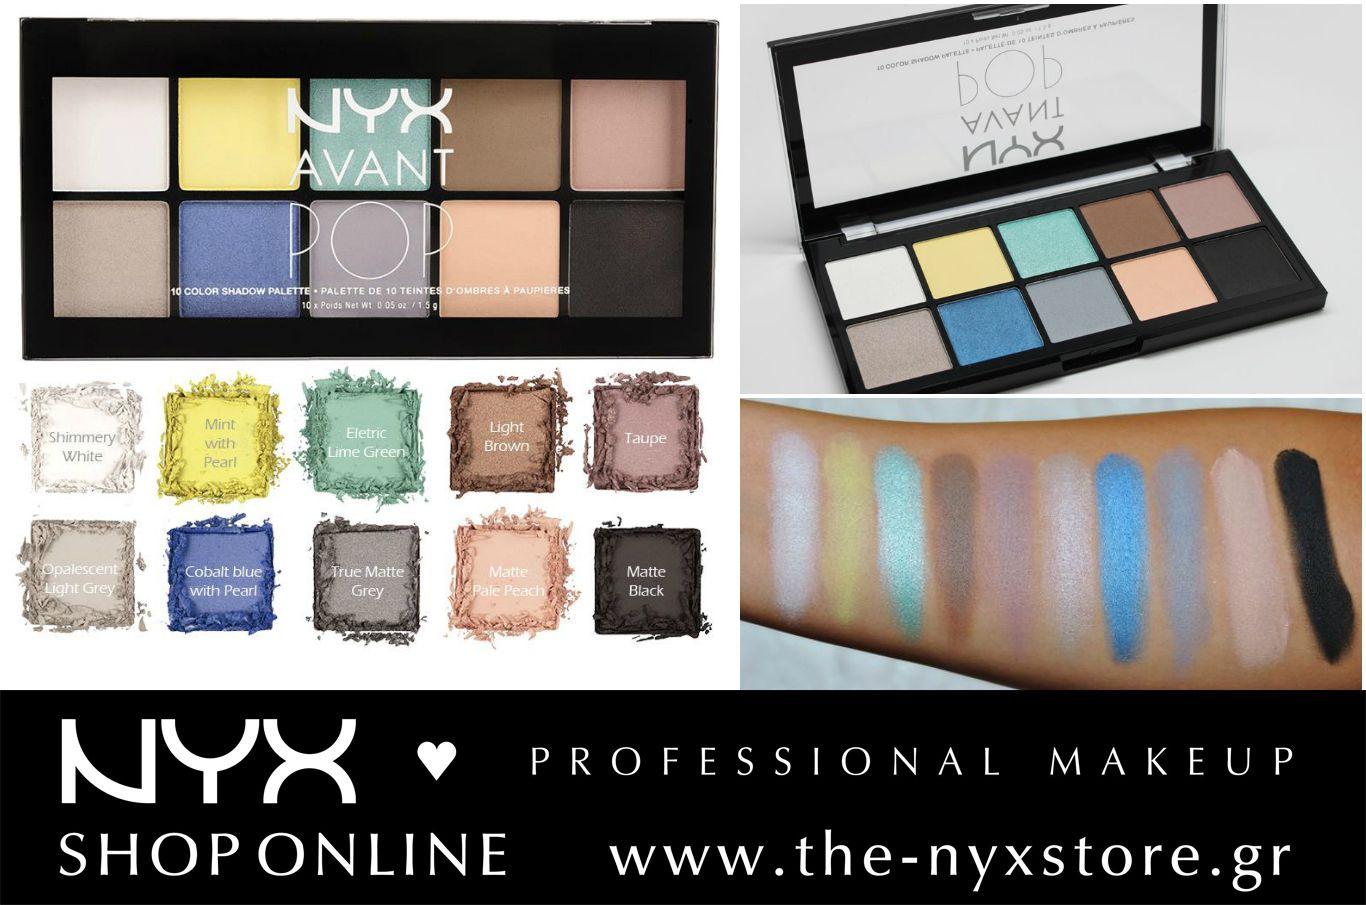 """Δώστε μια pop πινελιά στο μακιγιάζ των ματιών σας με την παλέτα NYX Avant Pop στην απόχρωση """"Surreal my Heart""""! Περιέχει 10 σκιές με ματ και λαμπερό τελείωμα σε γήινες αλλα και pop αποχρώσεις για δημιουργήσετε ένα φυσικό, απαλό ή έντονο look!  Βρείτε όλες τις Avant Pop παλέτες στο e-shop μας: http://bit.ly/1TSa76K"""